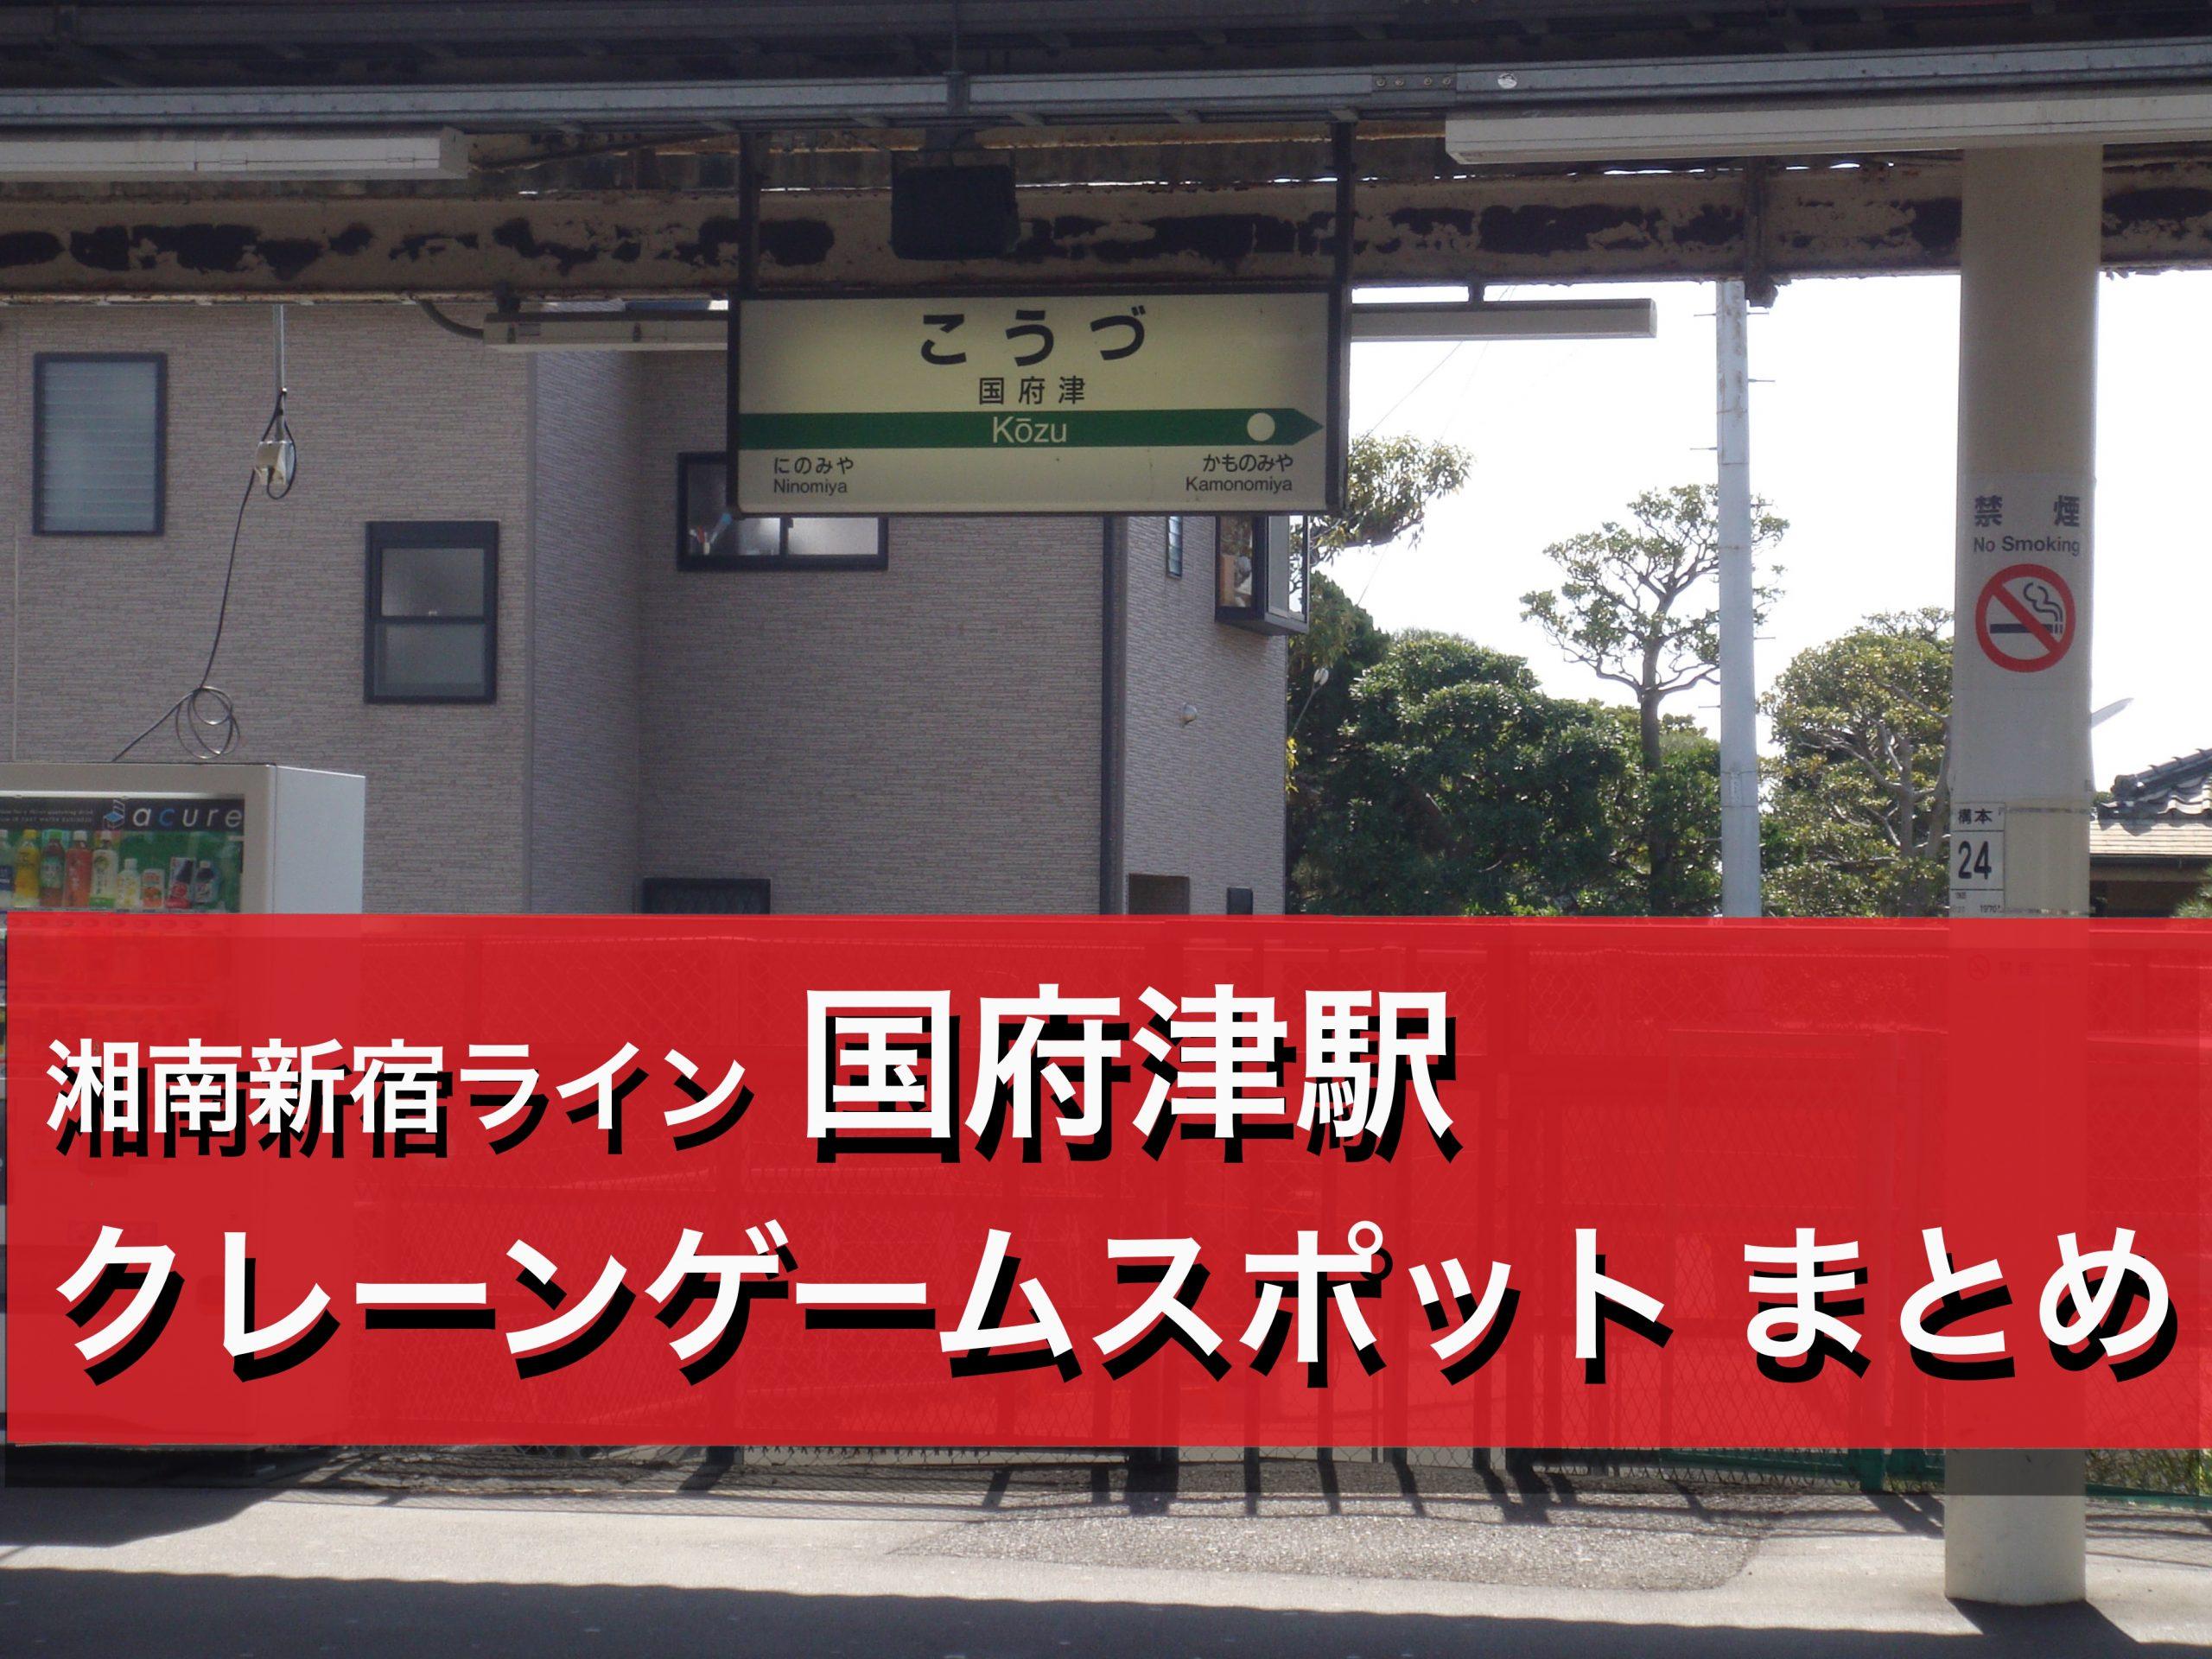 【国府津駅】クレーンゲームができる場所